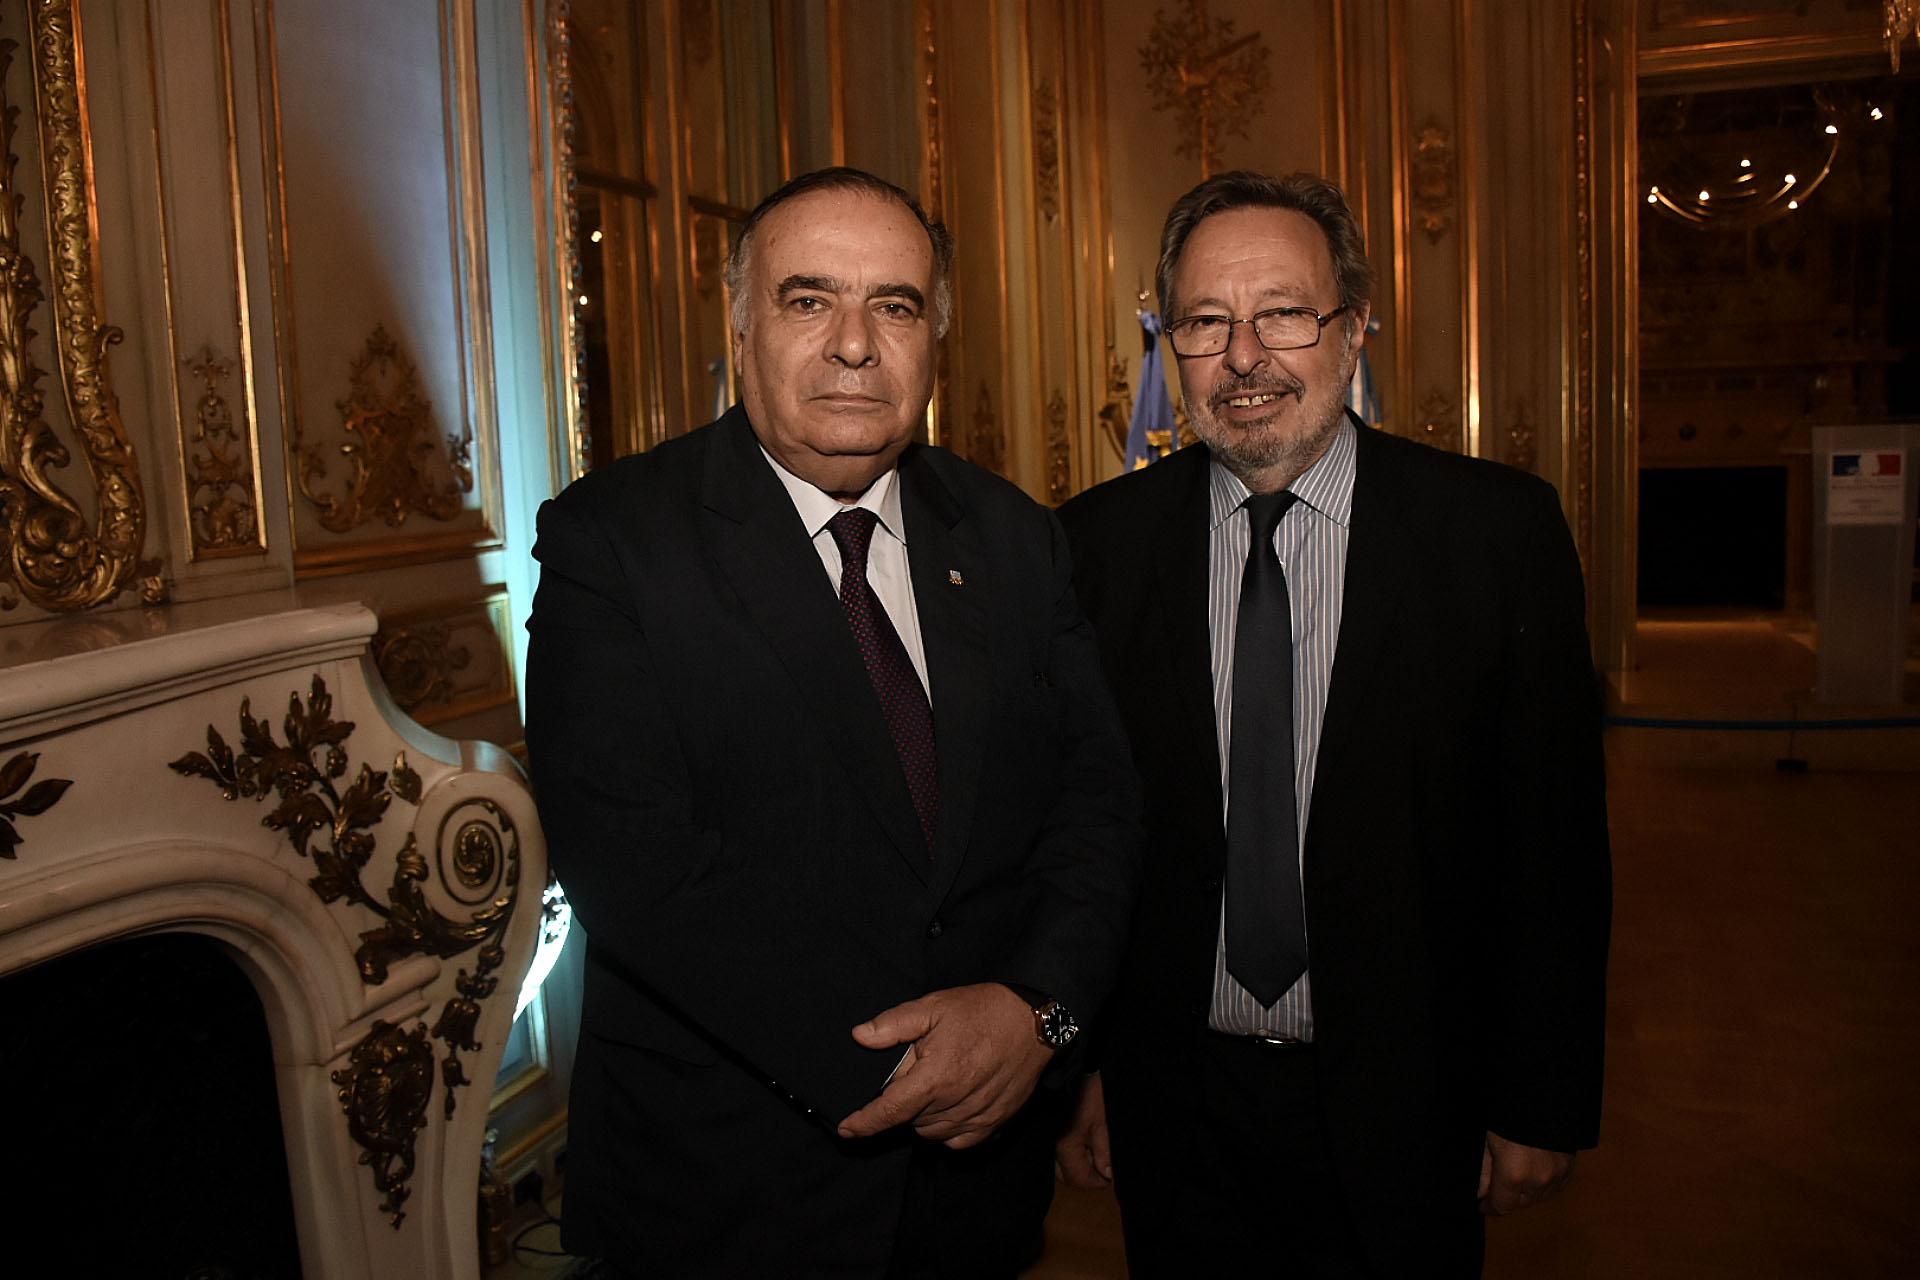 El embajador de Uruguay en la Argentina, Héctor Lescano, y el presidente de la Fundación Metropolitana, Pedro Del Piero